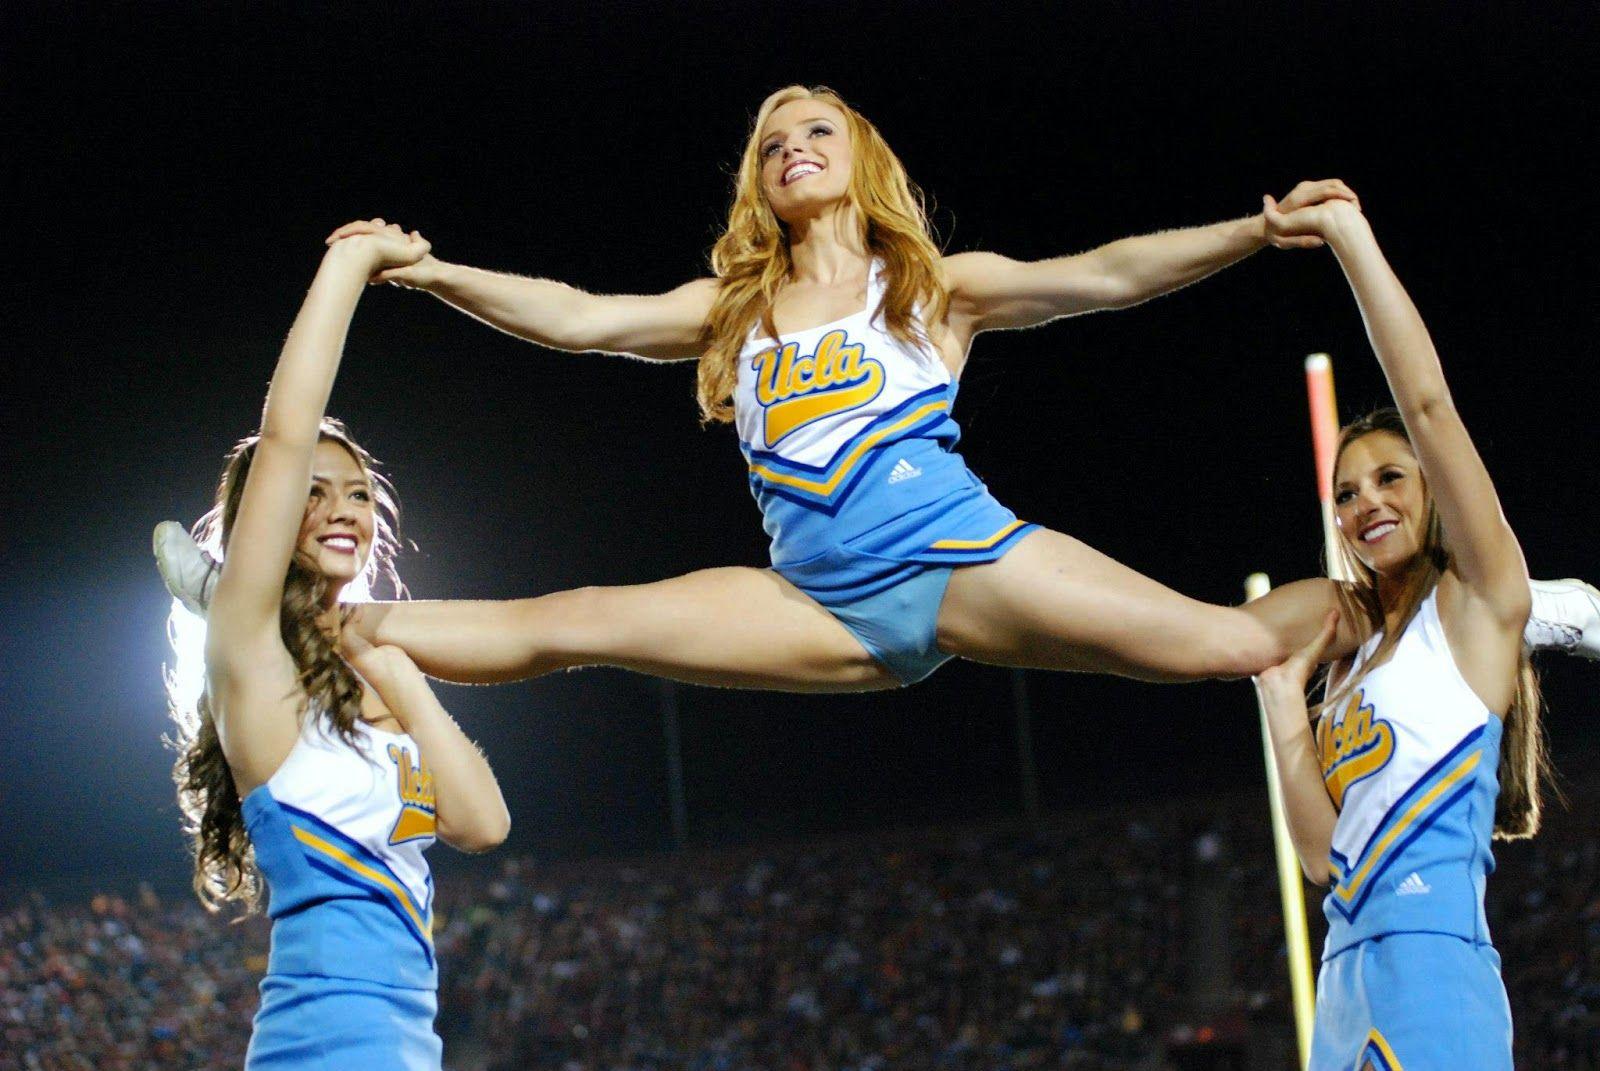 College Cheerleader Heaven: Game of the Week Cheerleader ...